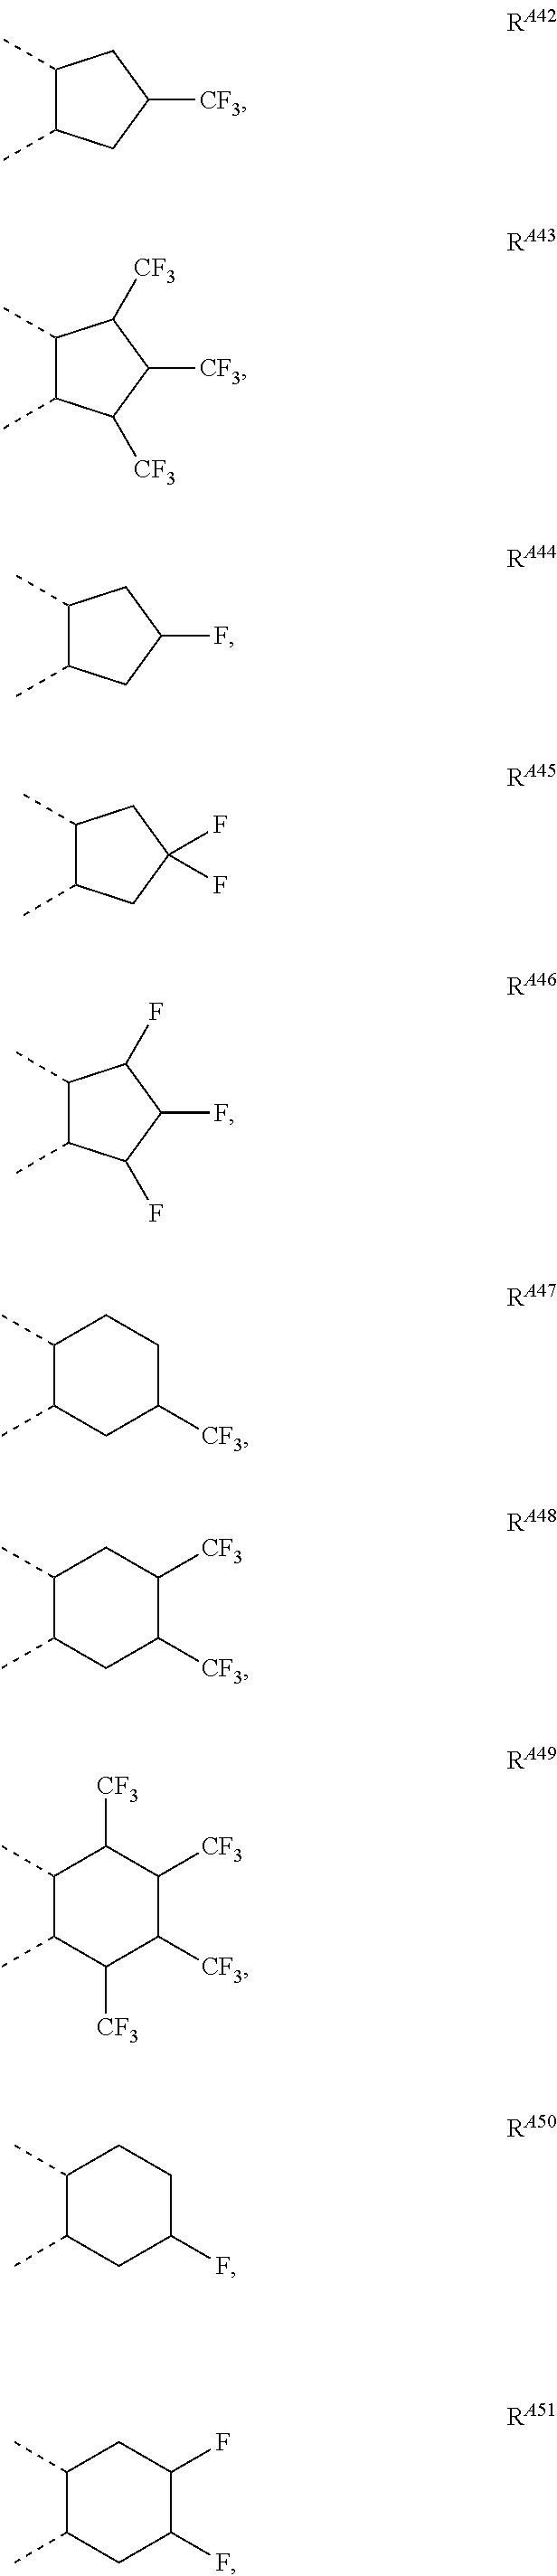 Figure US09859510-20180102-C00142